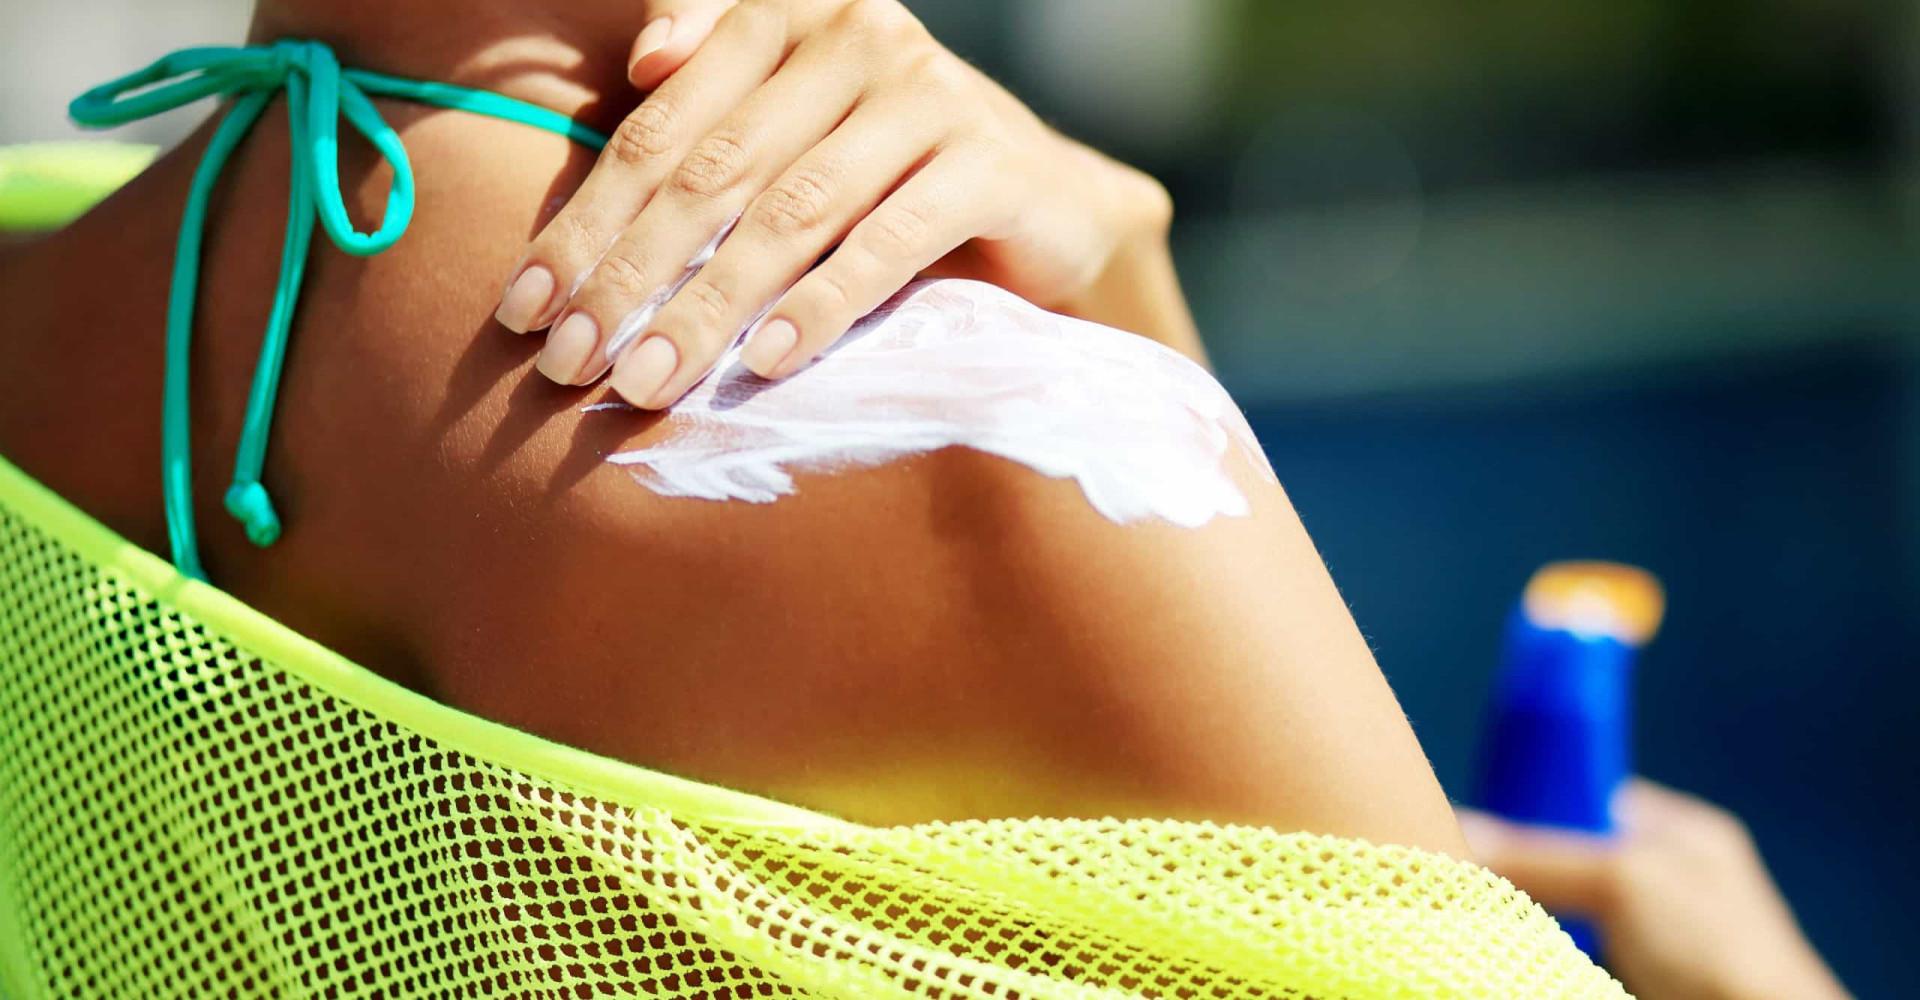 Attenti al sole! Ecco come prevenire e curare le scottature